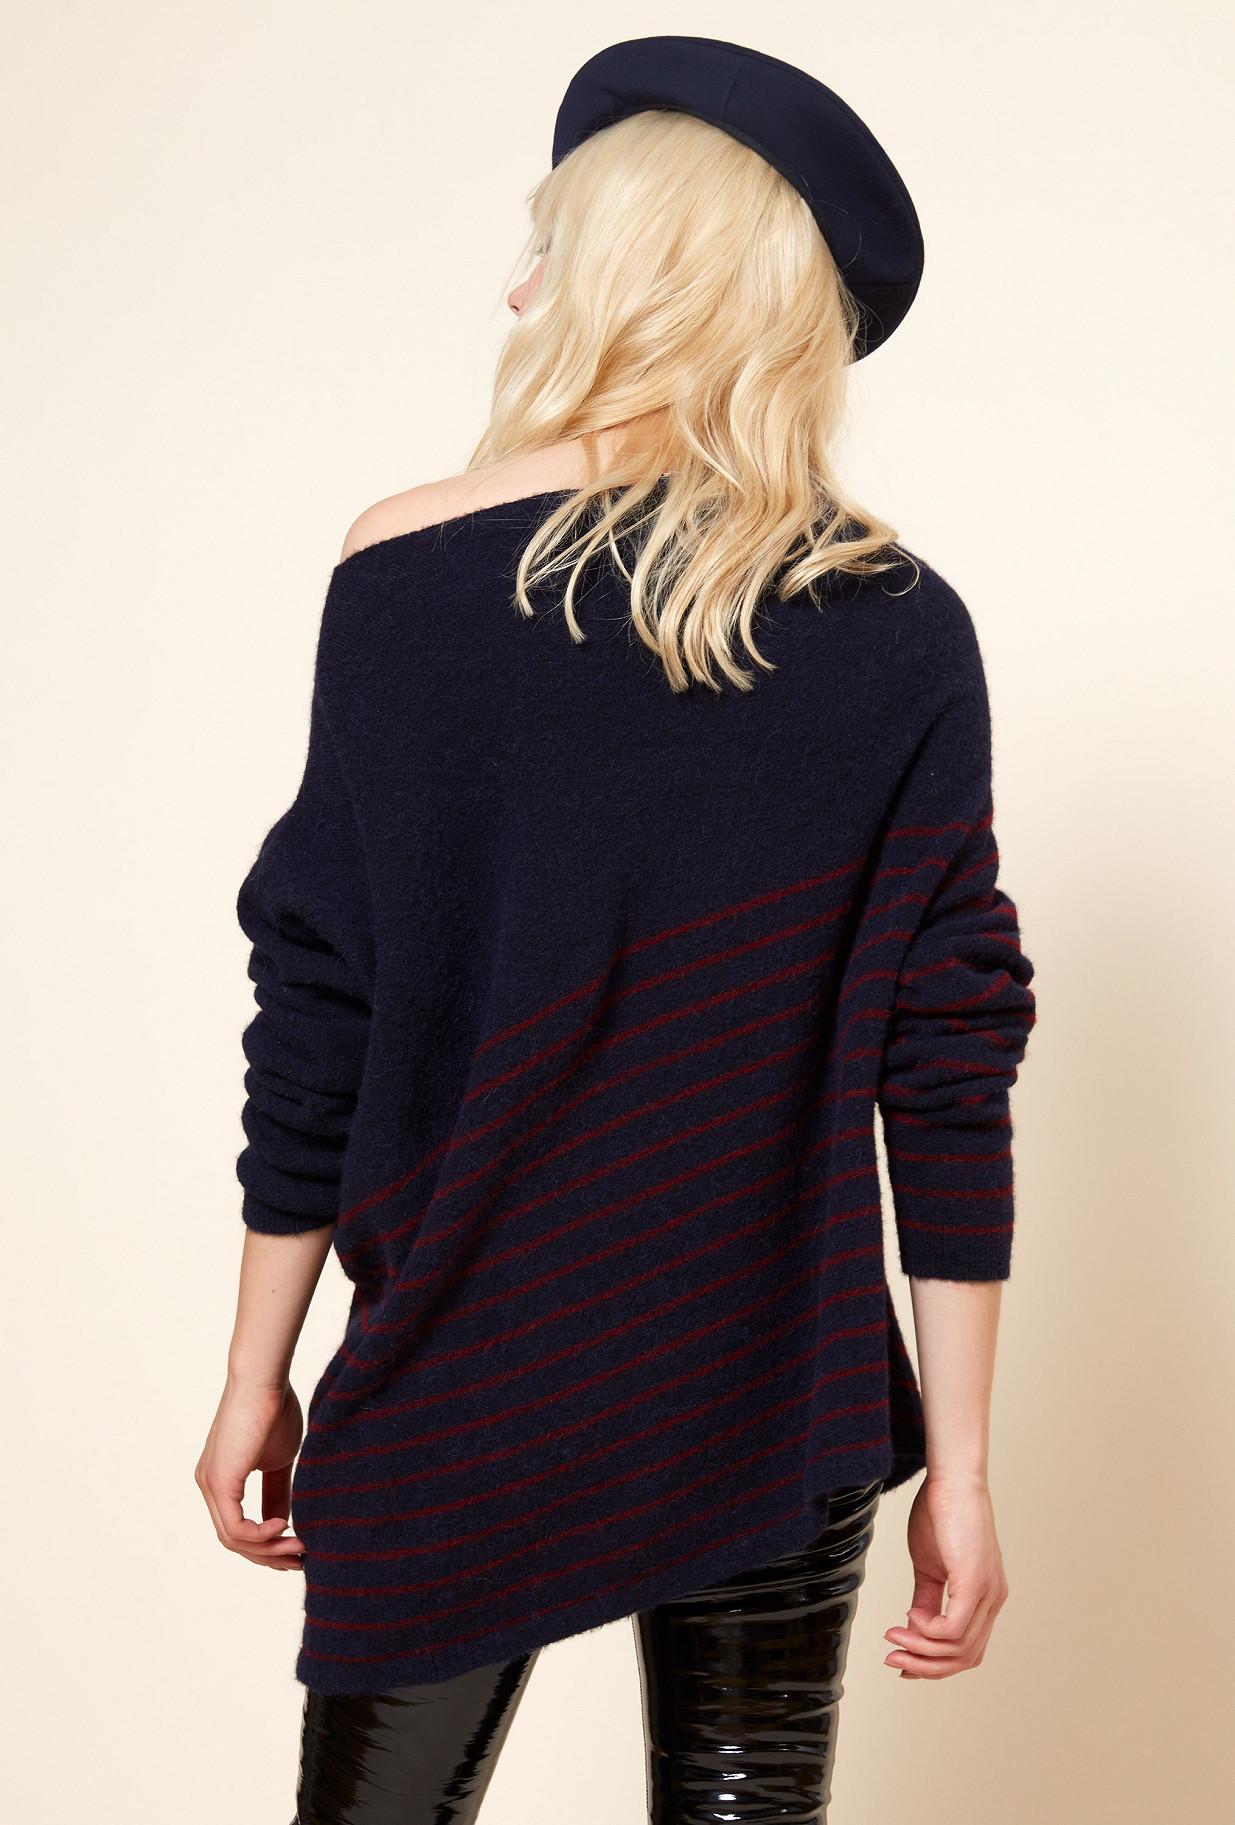 Paris clothes store Knit  Kersauson french designer fashion Paris